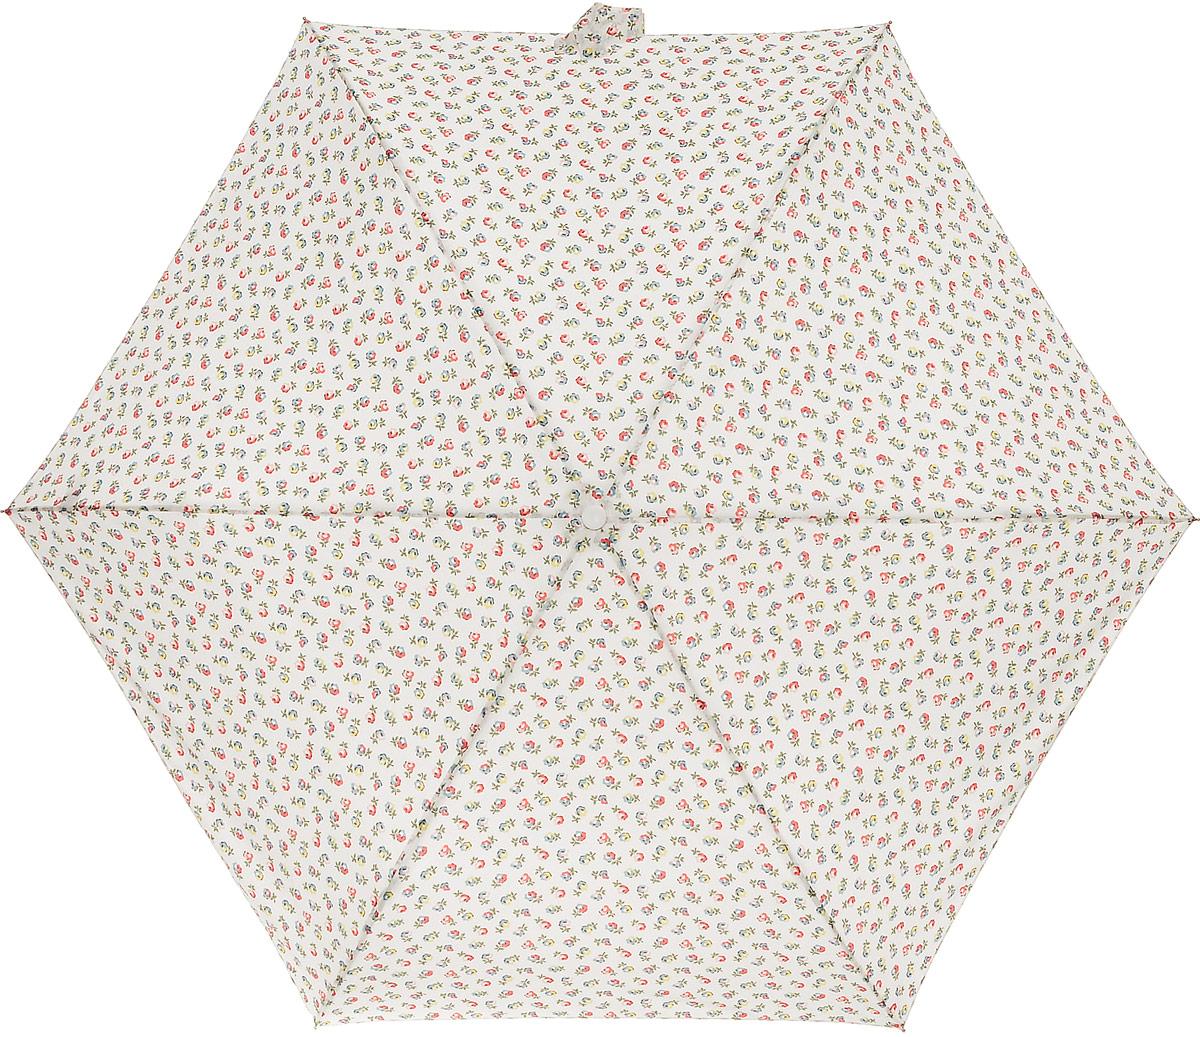 Зонт женский Cath Kidston Minilite, механический, 3 сложения, цвет: молочный, мультиколор. L768-2851L768-2851 ElginDitsyCreamСтильный механический зонт Cath Kidston Minilite в 3 сложения даже в ненастную погоду позволит вам оставаться элегантной. Облегченный каркас зонта выполнен из 8 спиц из фибергласса и алюминия, стержень также изготовлен из алюминия, удобная рукоятка - из пластика. Купол зонта выполнен из прочного полиэстера. В закрытом виде застегивается хлястиком на липучке. Яркий оригинальный цветочный принт поднимет настроение в дождливый день. Зонт механического сложения: купол открывается и закрывается вручную до характерного щелчка. На рукоятке для удобства есть небольшой шнурок, позволяющий надеть зонт на руку тогда, когда это будет необходимо. К зонту прилагается чехол с небольшой нашивкой с названием бренда. Такой зонт компактно располагается в кармане, сумочке, дверке автомобиля.